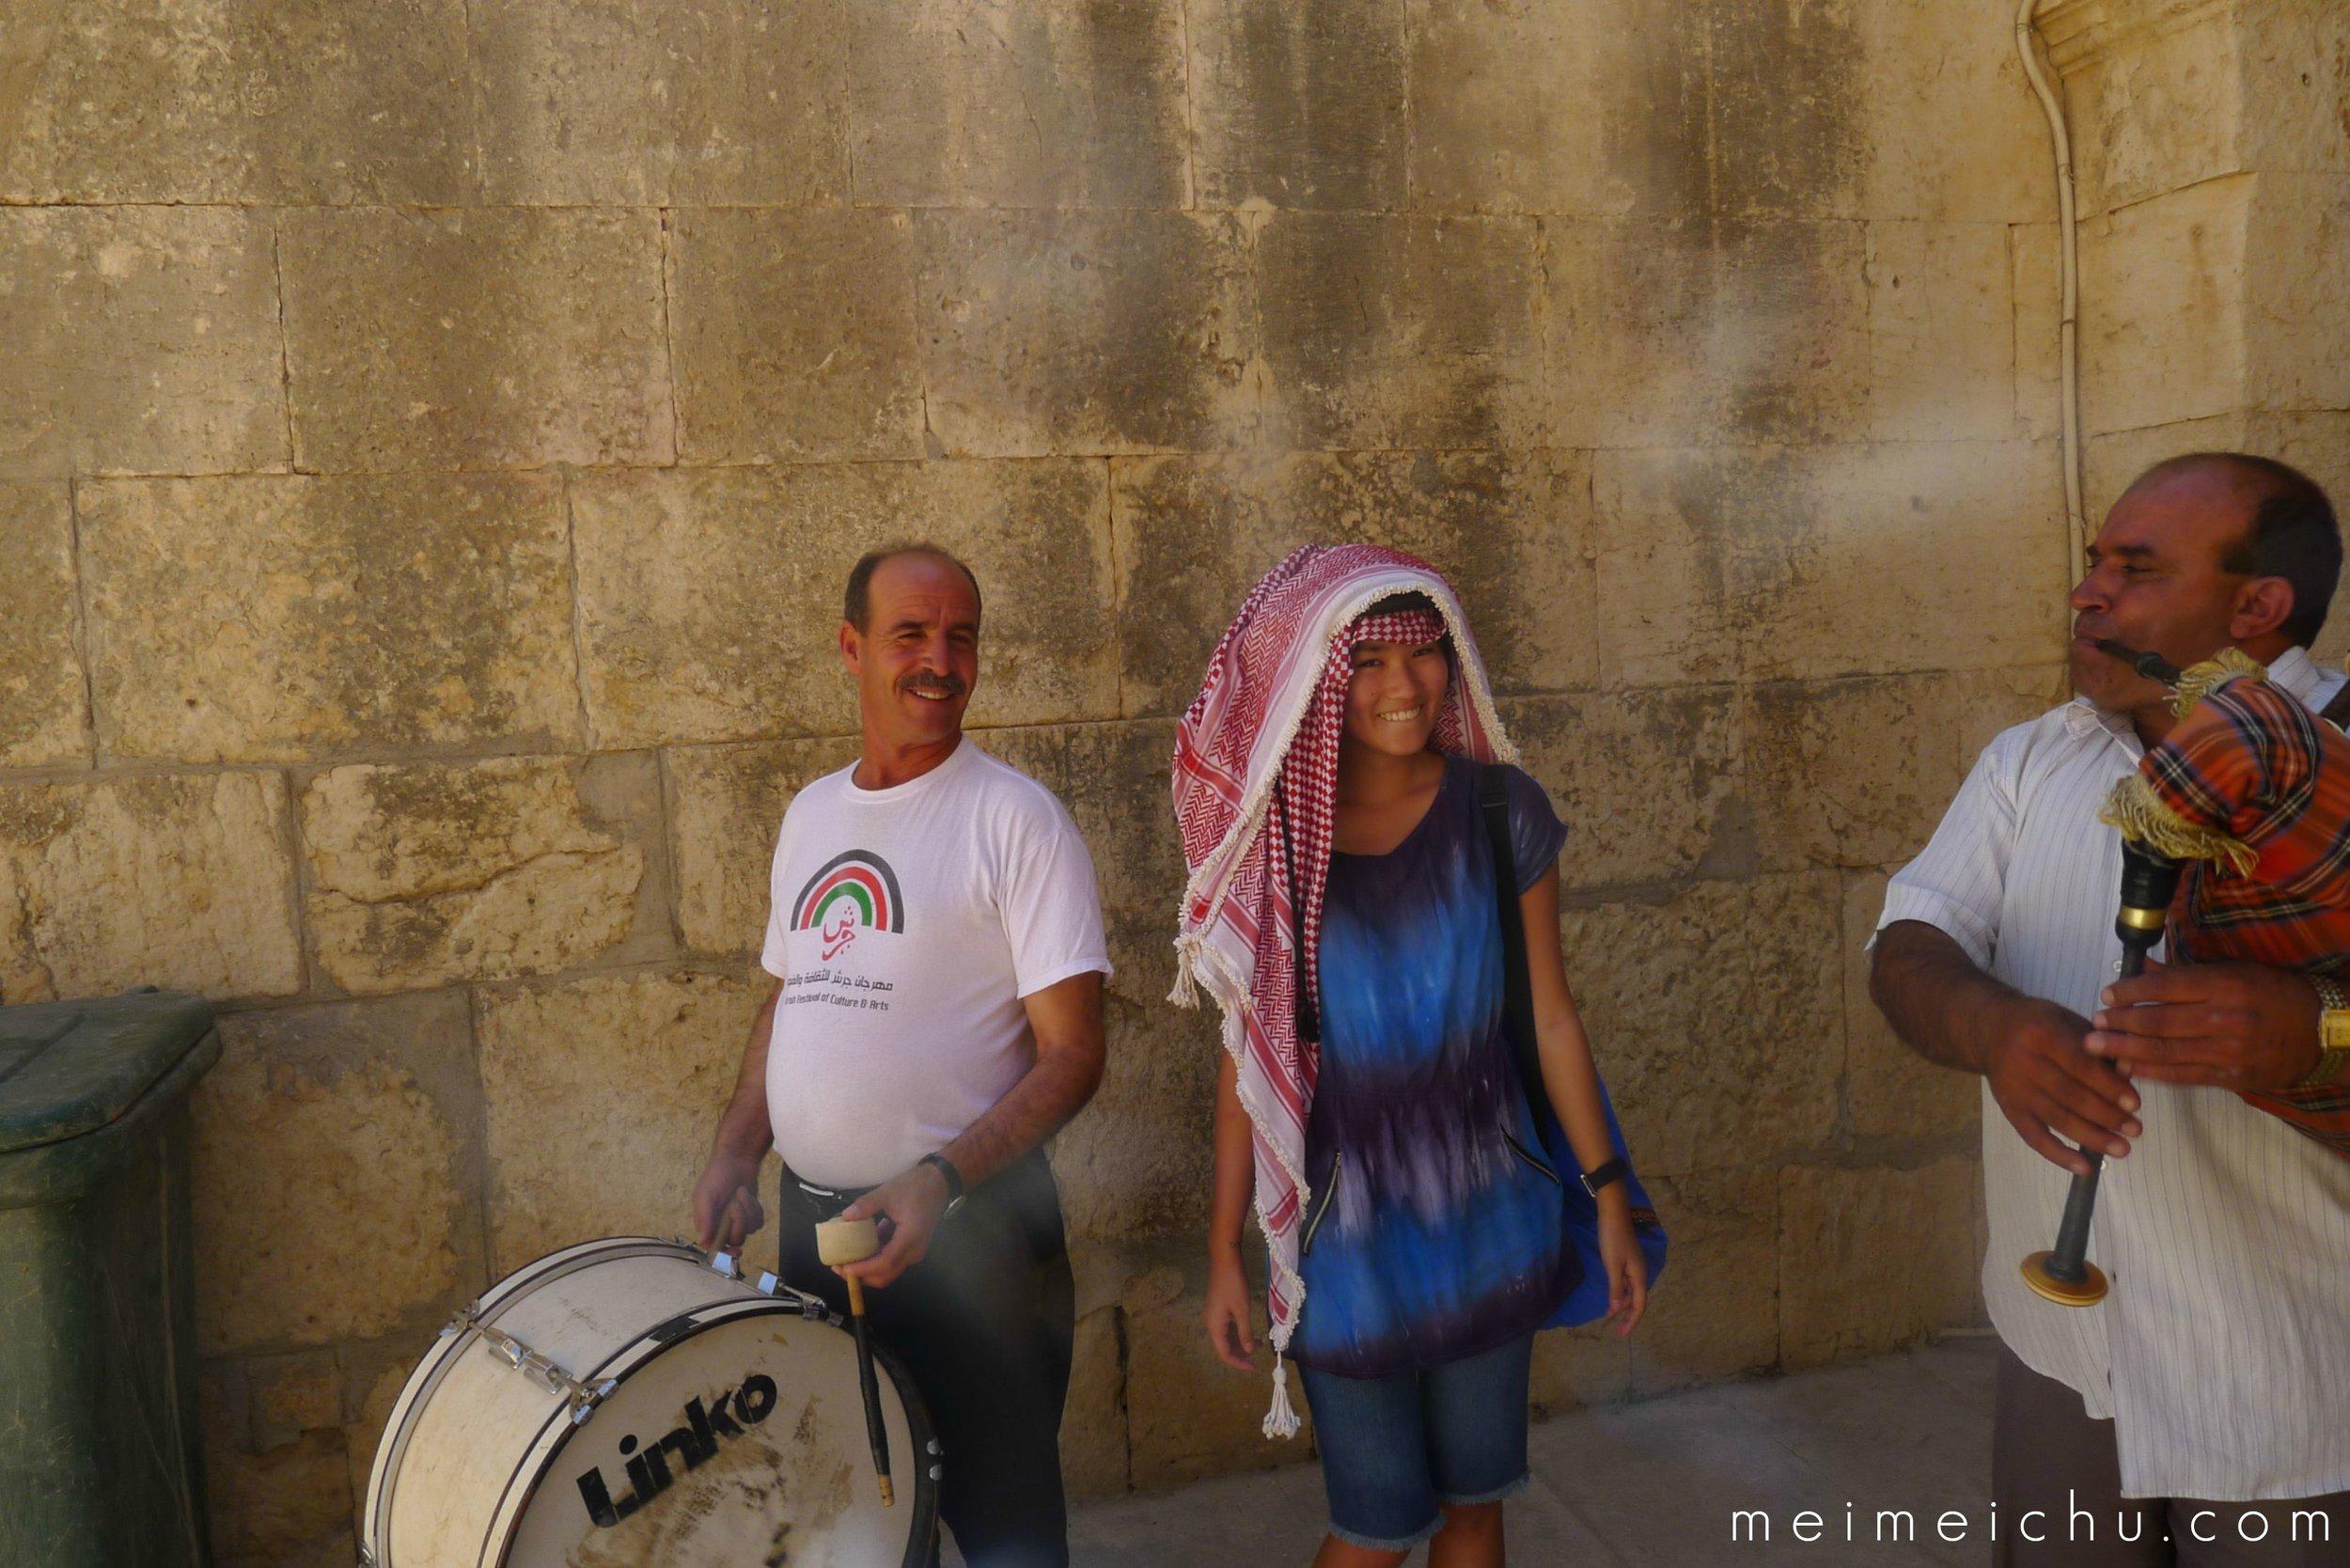 Exploring the ancient city of Jerash in Jordan